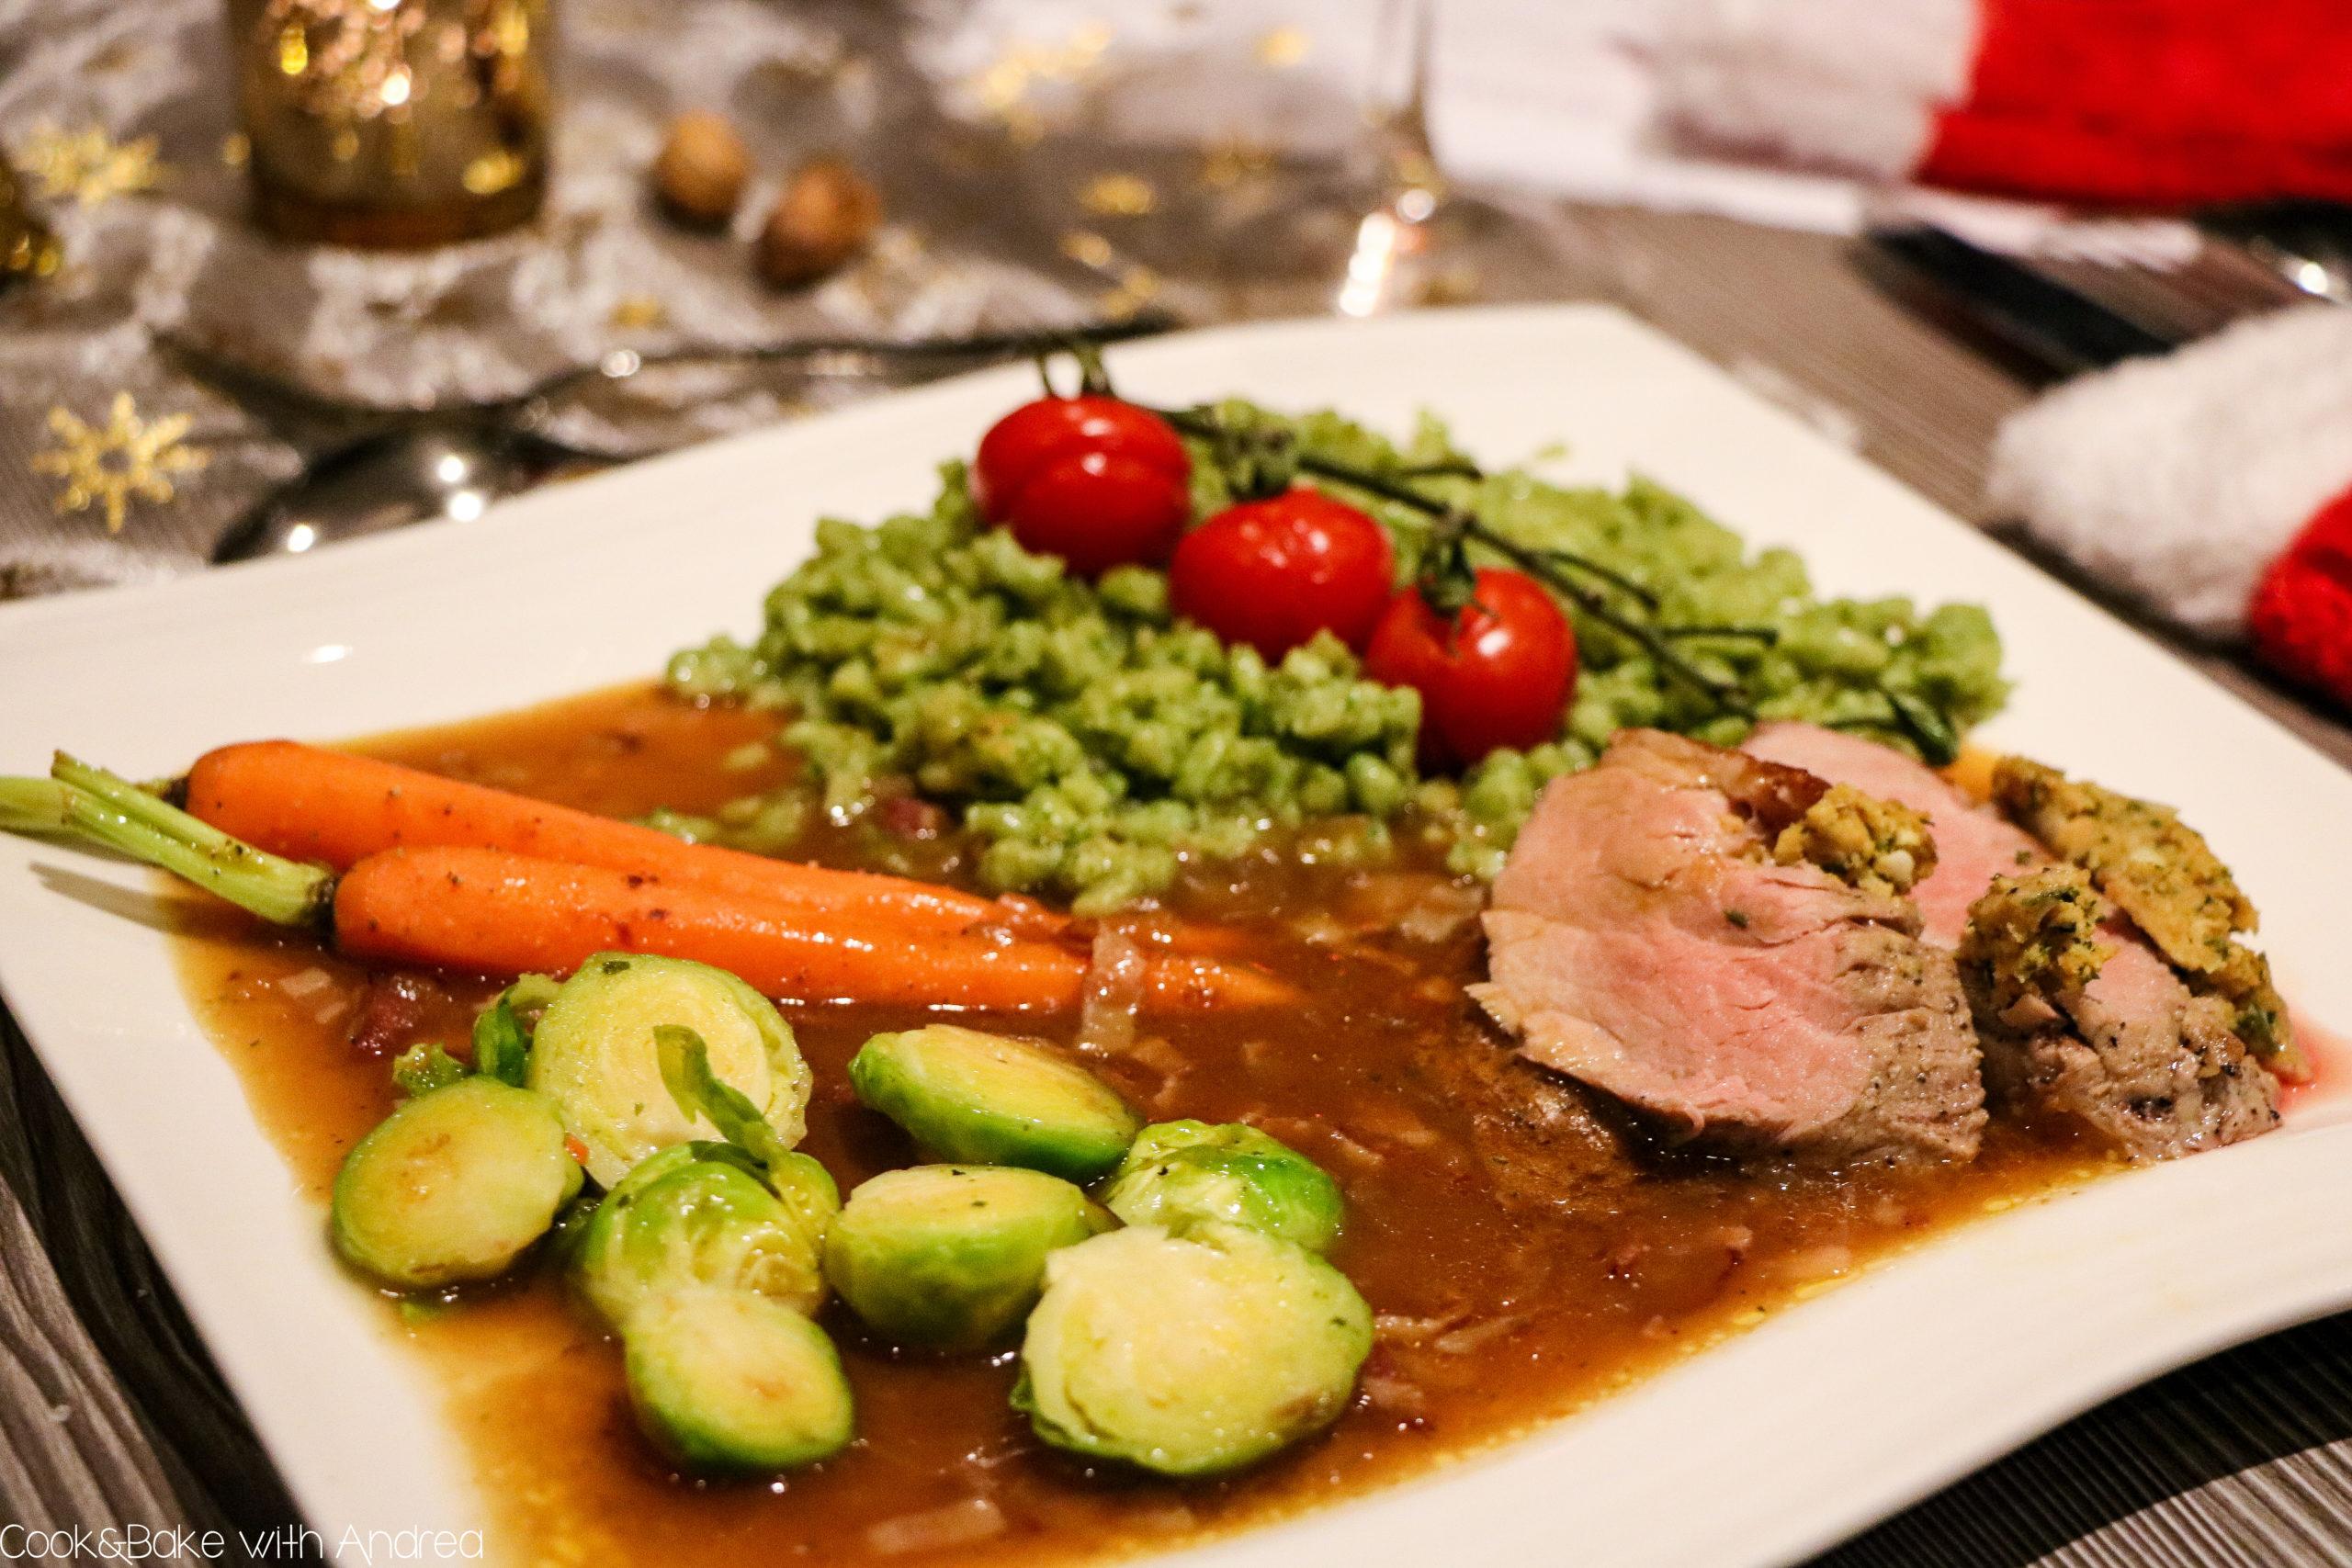 Es ist bald so weit! Weihnachten steht vor der Tür. Wer mich kennt, weiß, dass es seit inzwischen 10 Jahren ein Mehrgängemenü an Heiligabend gibt, das ich für meine Familie und mich zubereite. Vor drei Jahren gab es als Hauptgang Schweinefilet im Kräutermantel mit Spinatspätzle. Das Rezept findet ihr auf dem Foodblog von Cook and Bake with Andrea.